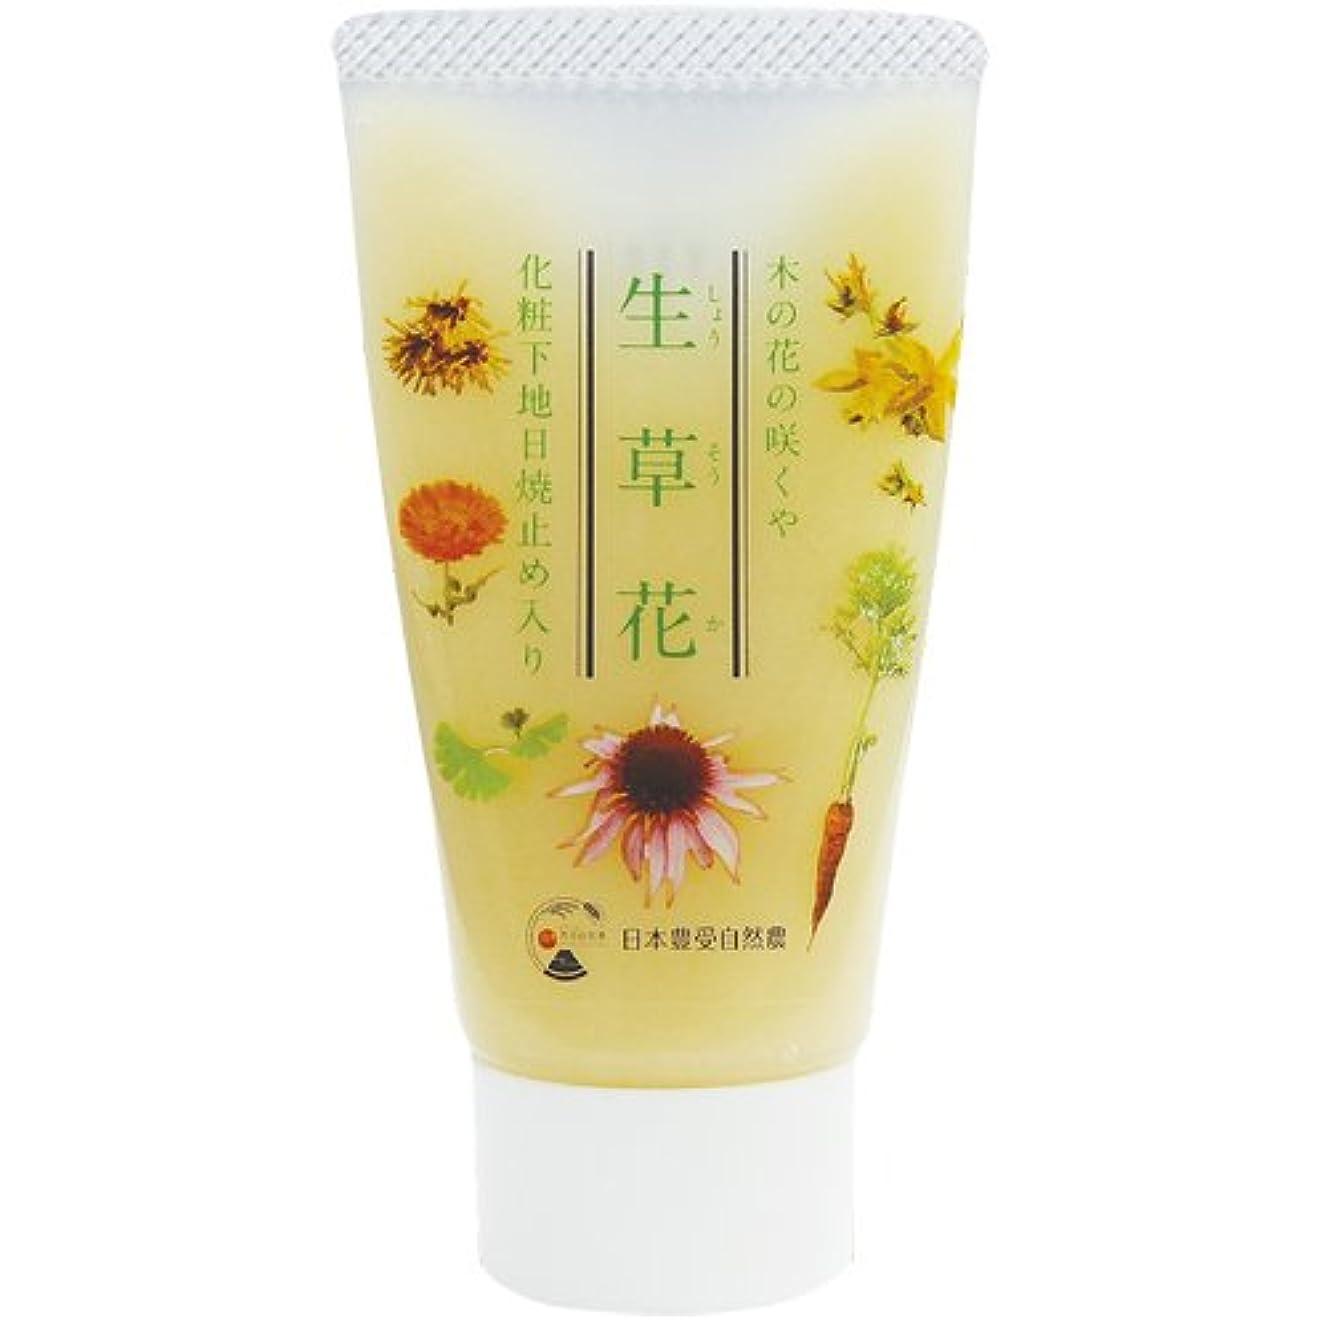 溶けたから聞くシャーロットブロンテ日本豊受自然農 木の花の咲くや 生草花 化粧下地 日焼け止め入り 30g